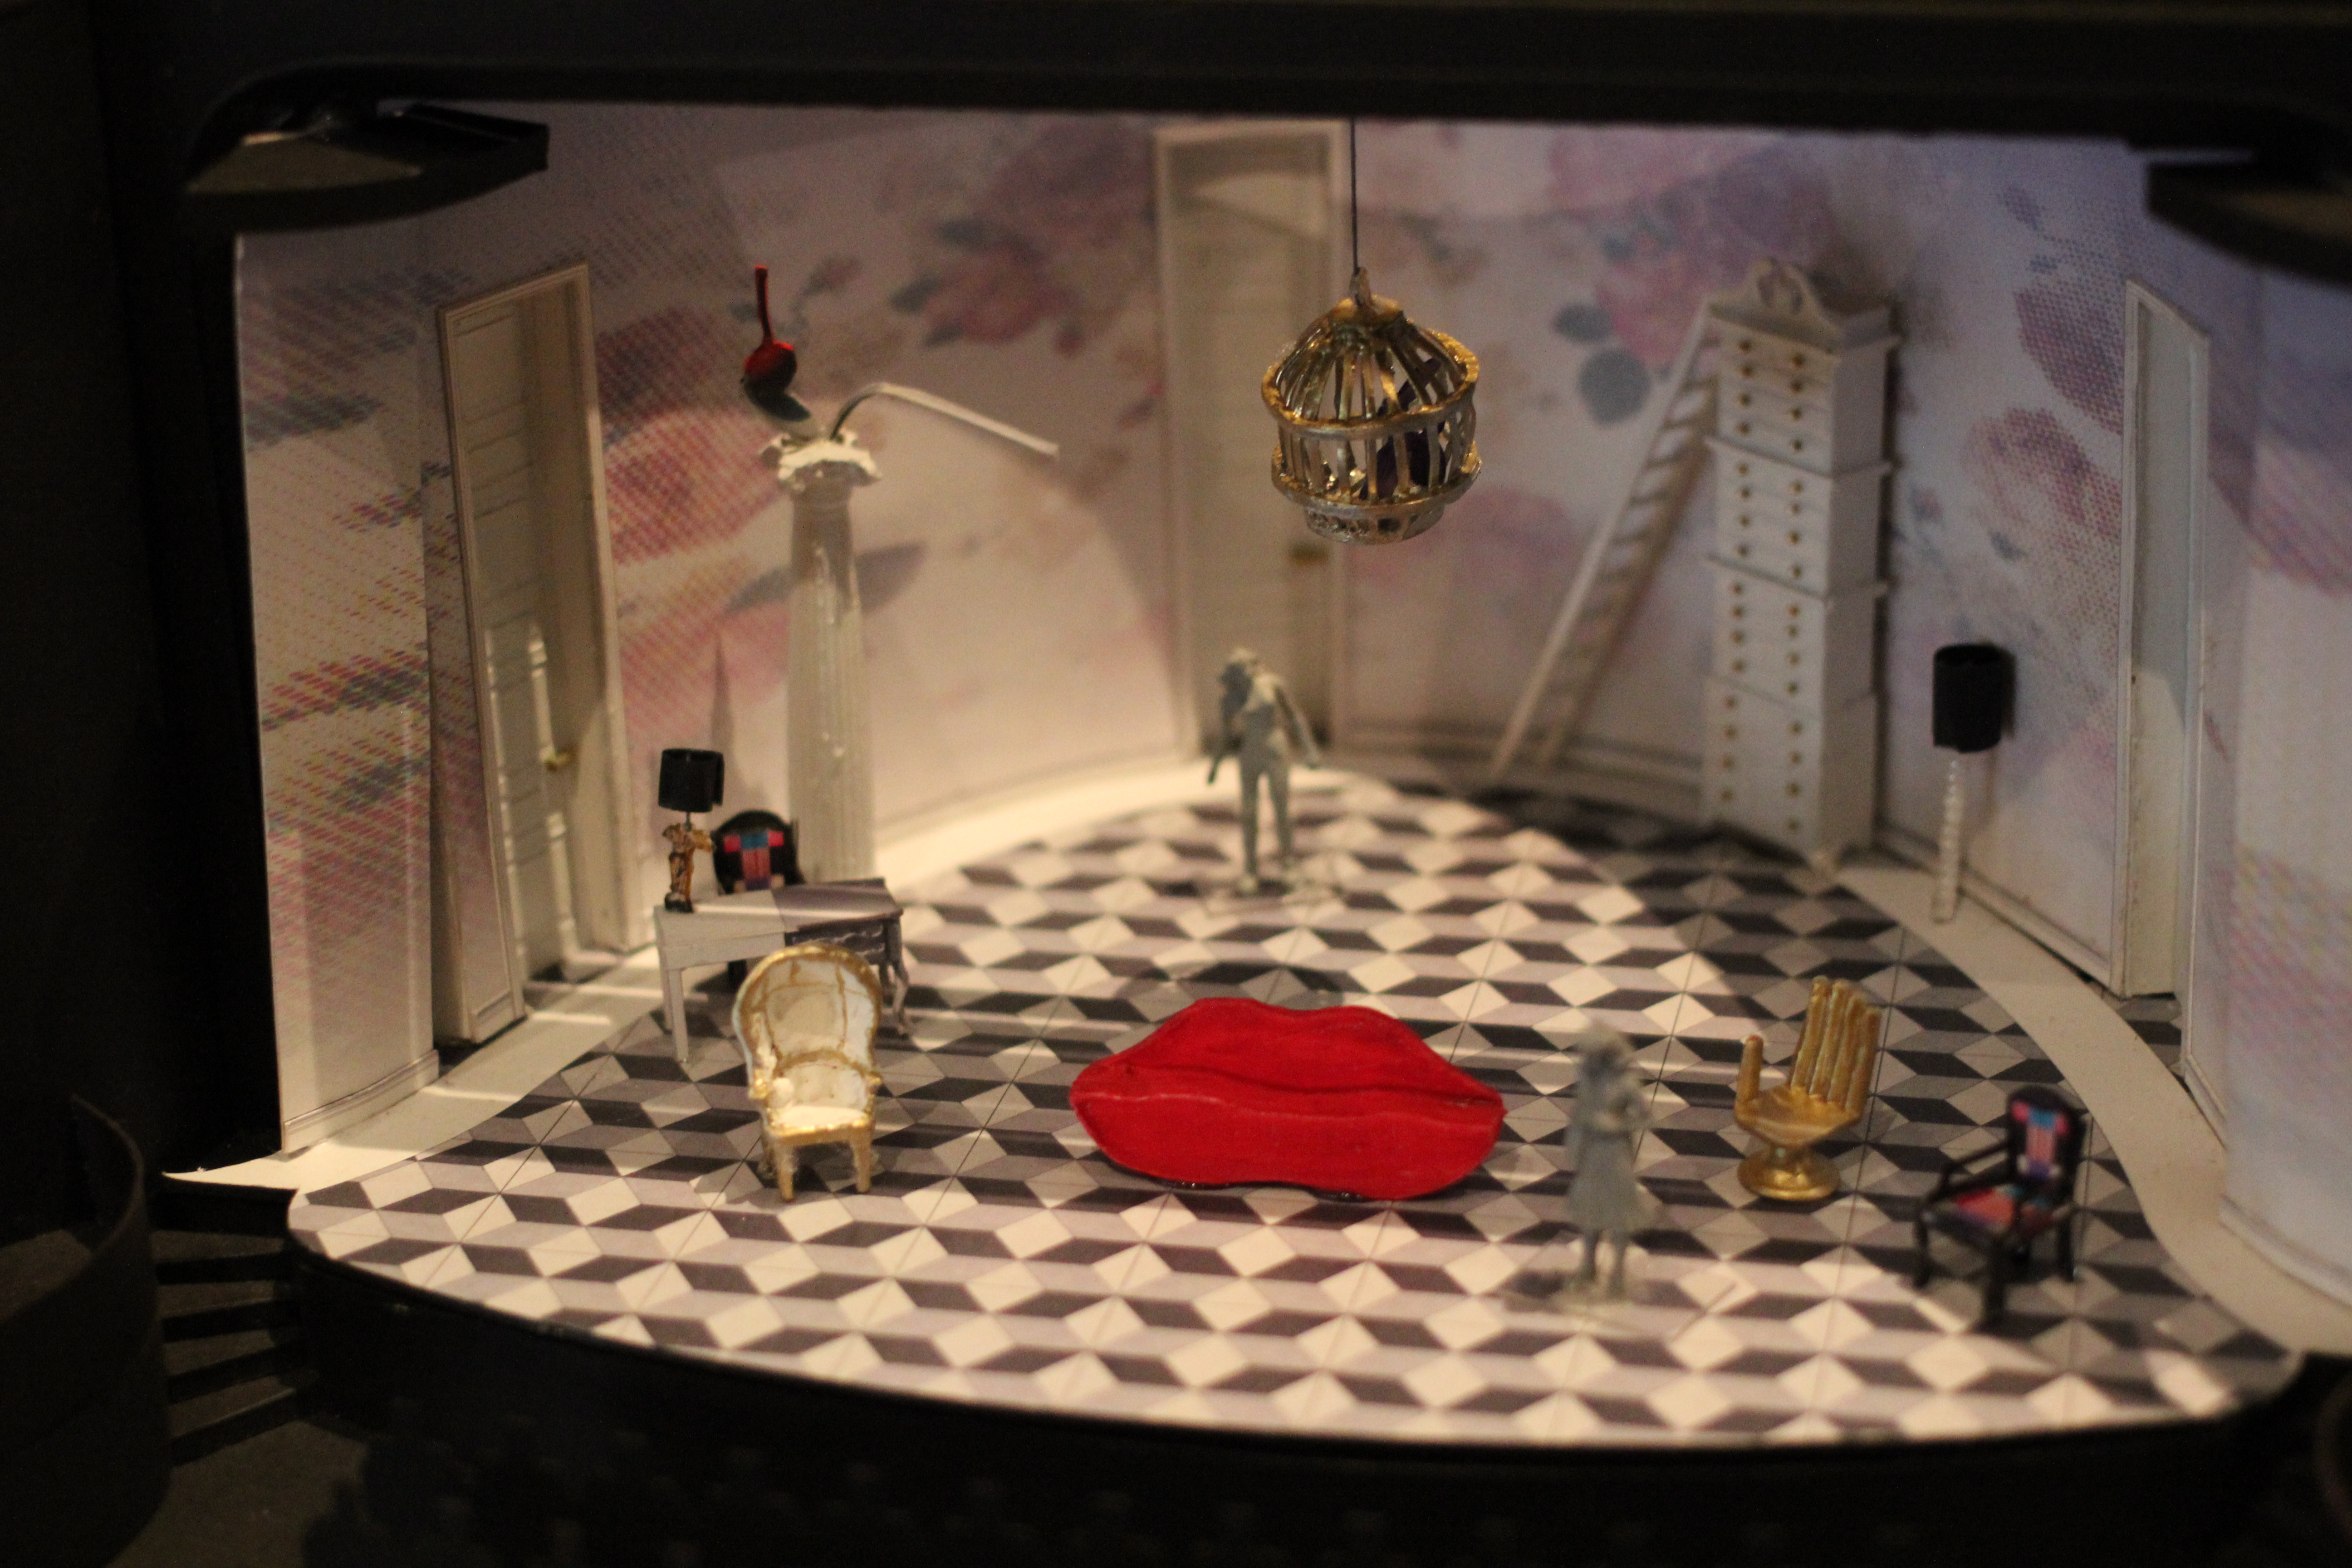 Set model courtesy of Alexander Dodge.